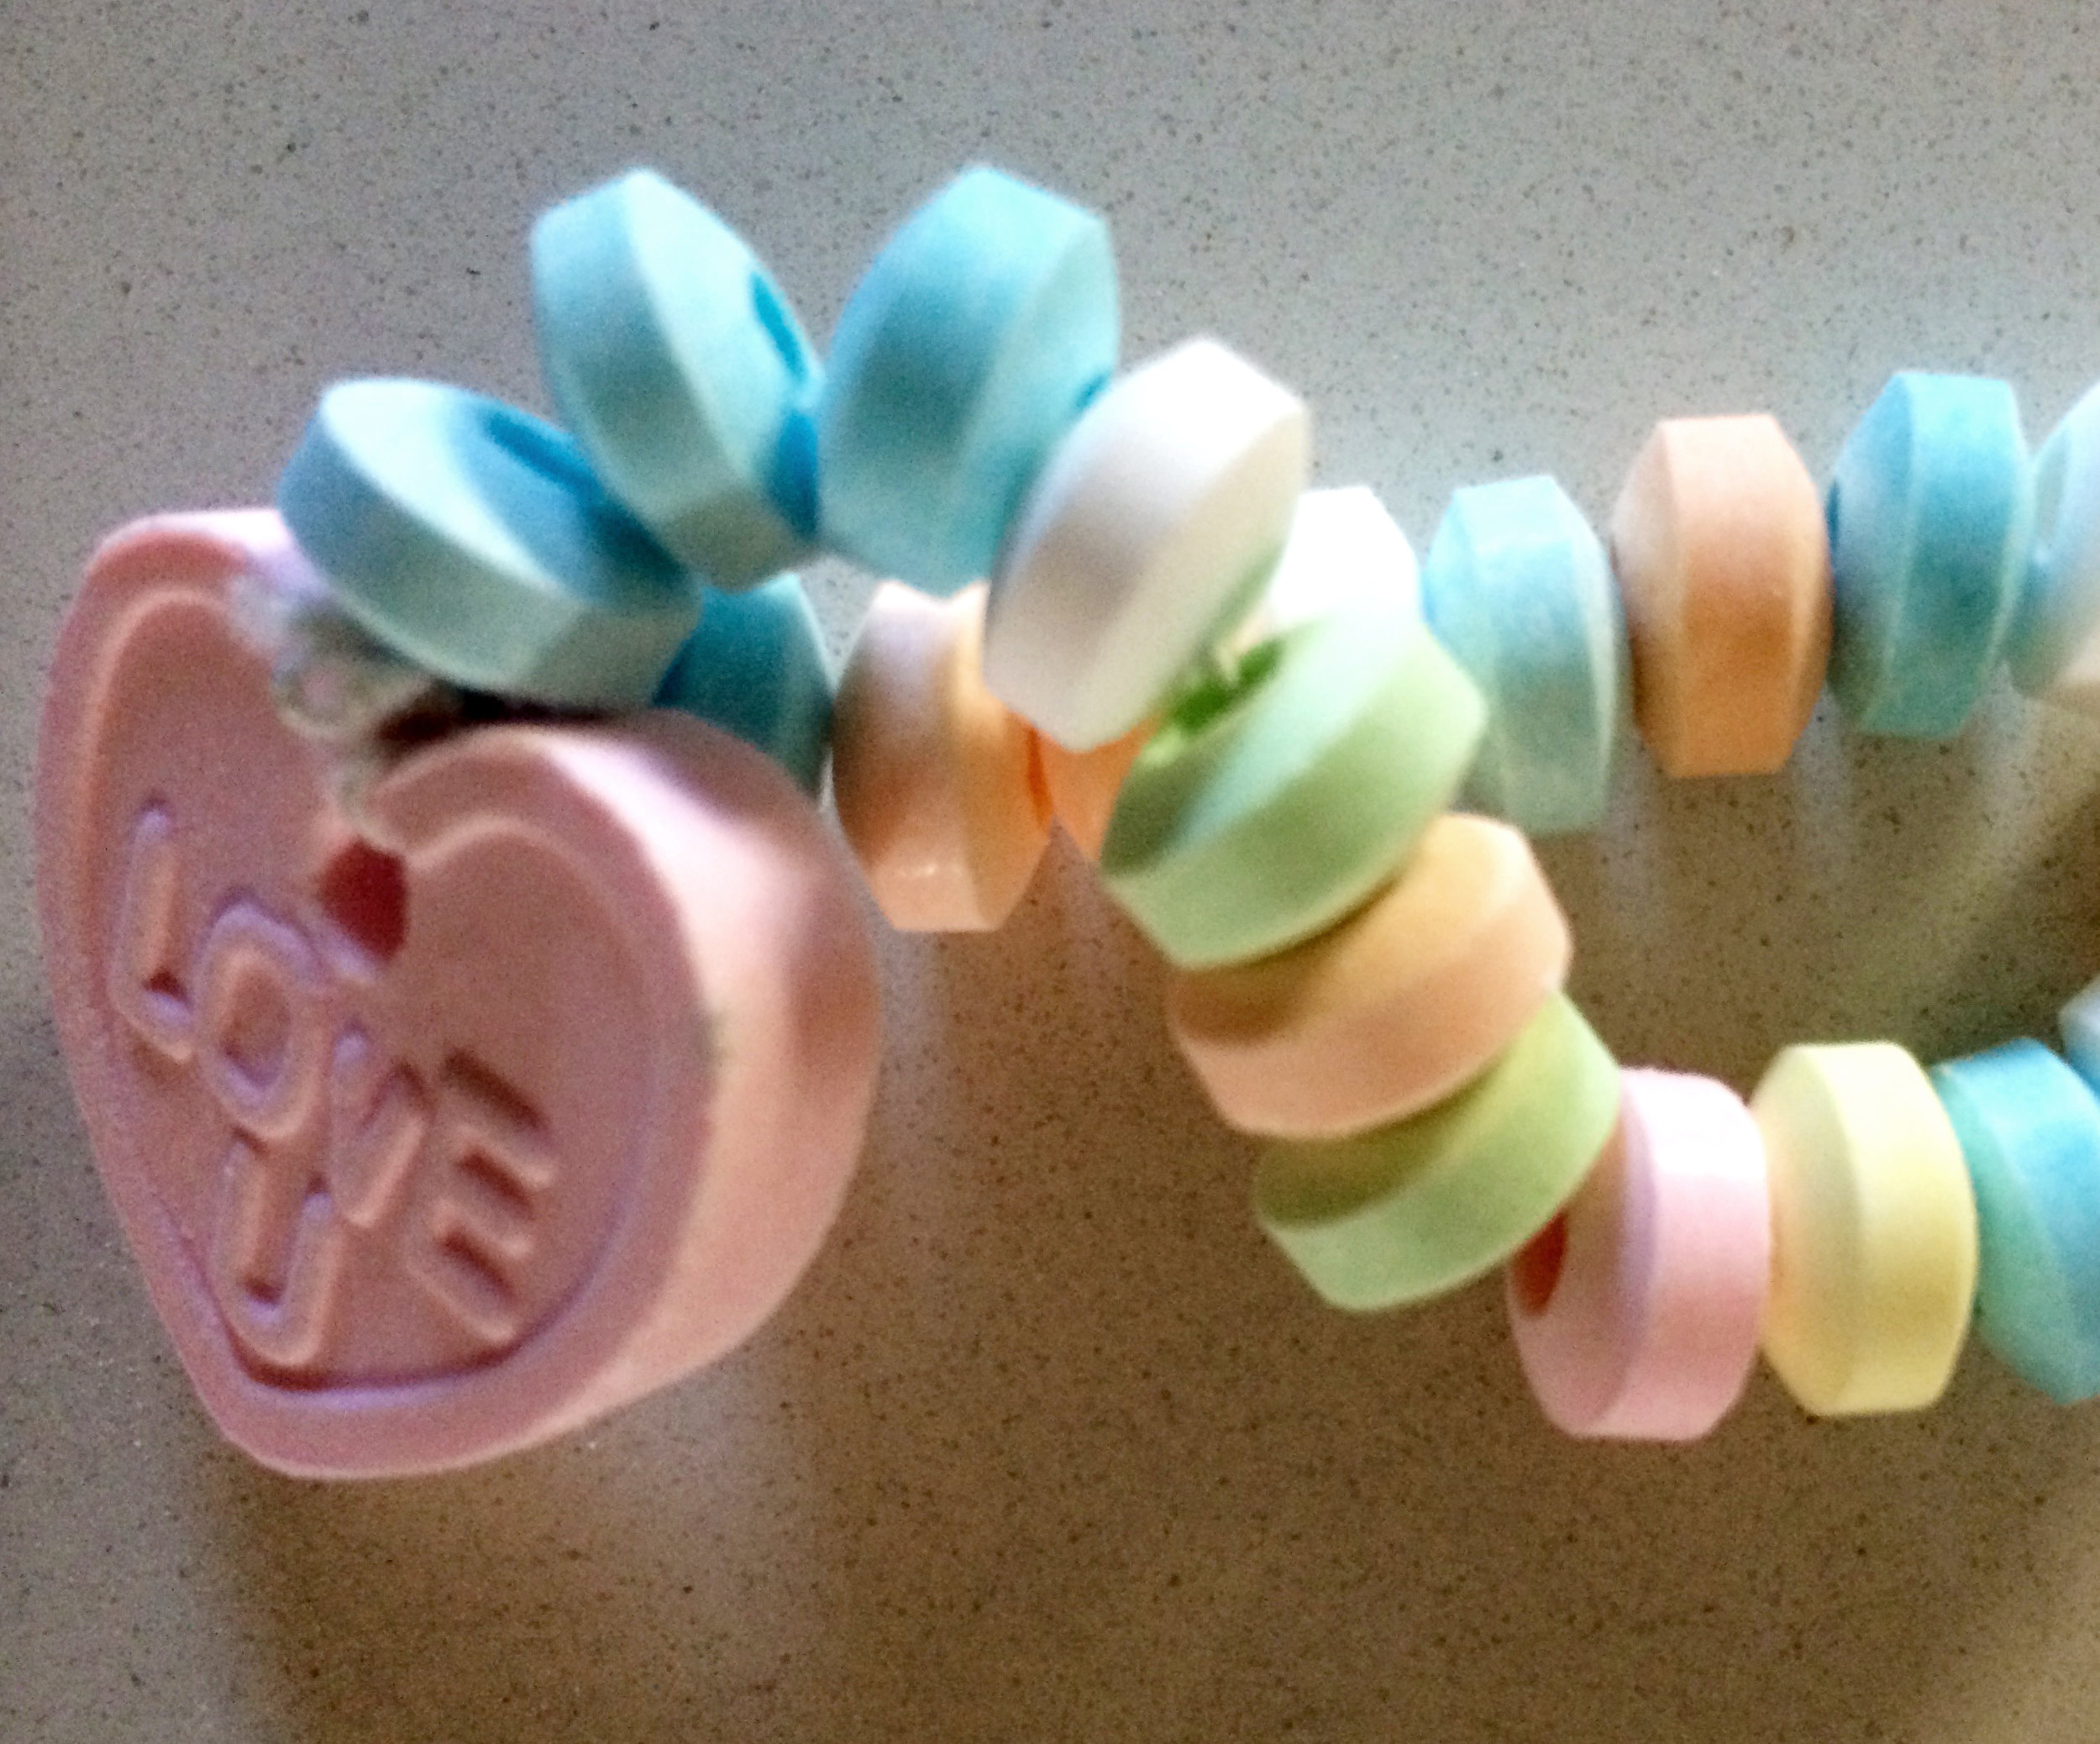 Candy Bracelets, Everyone!